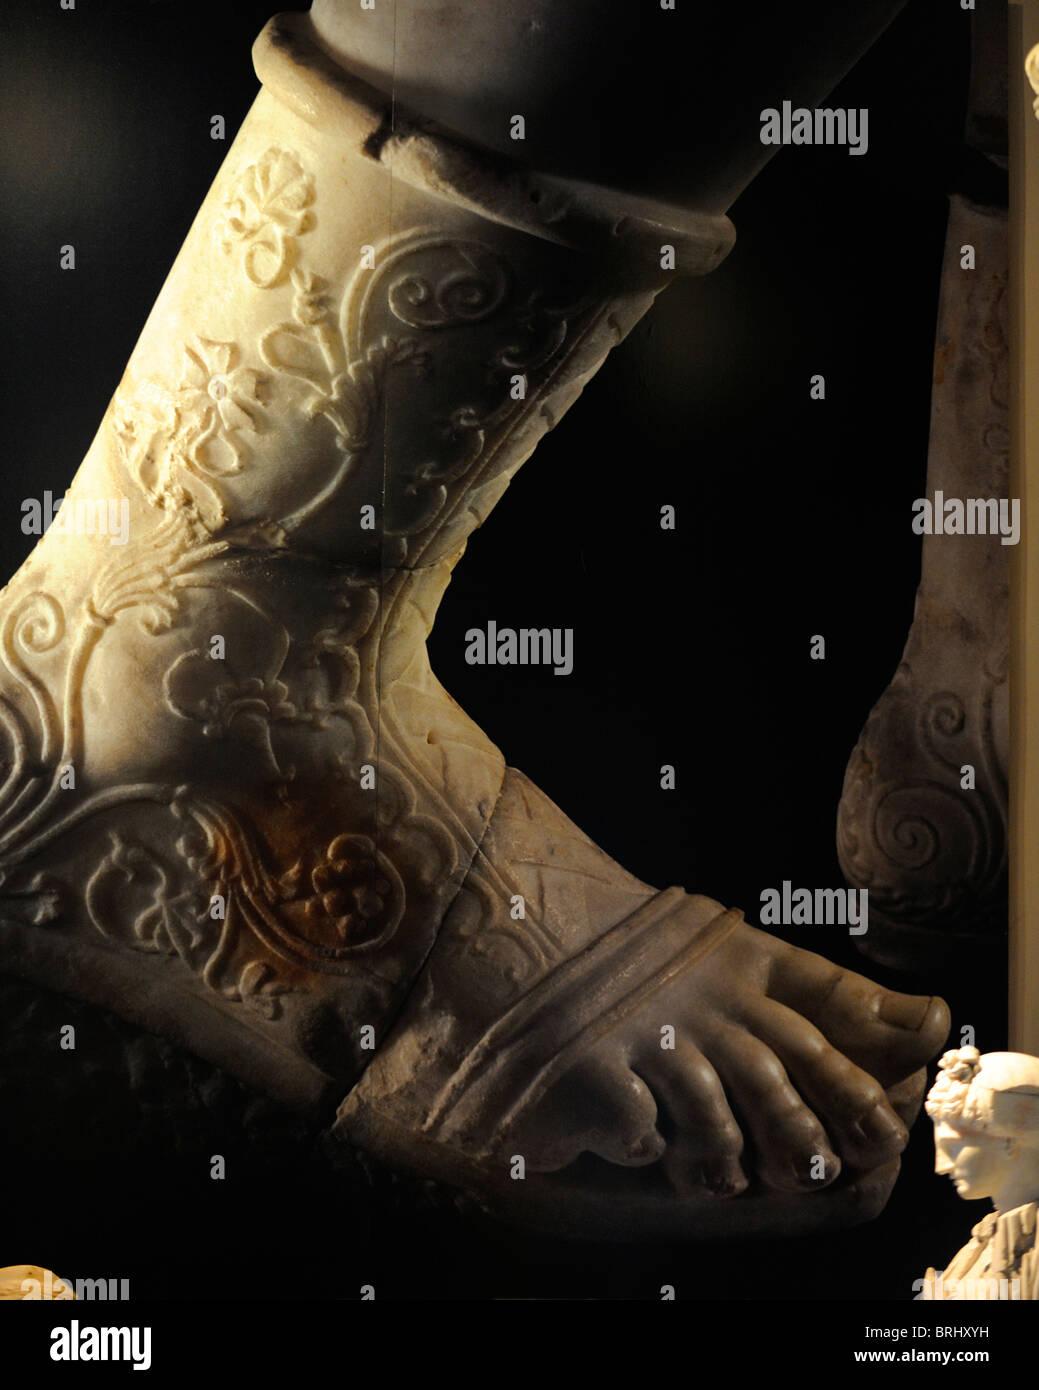 Eine wunderschön detaillierte Marmor Fuß im archäologischen Museum von Istanbul Stockbild